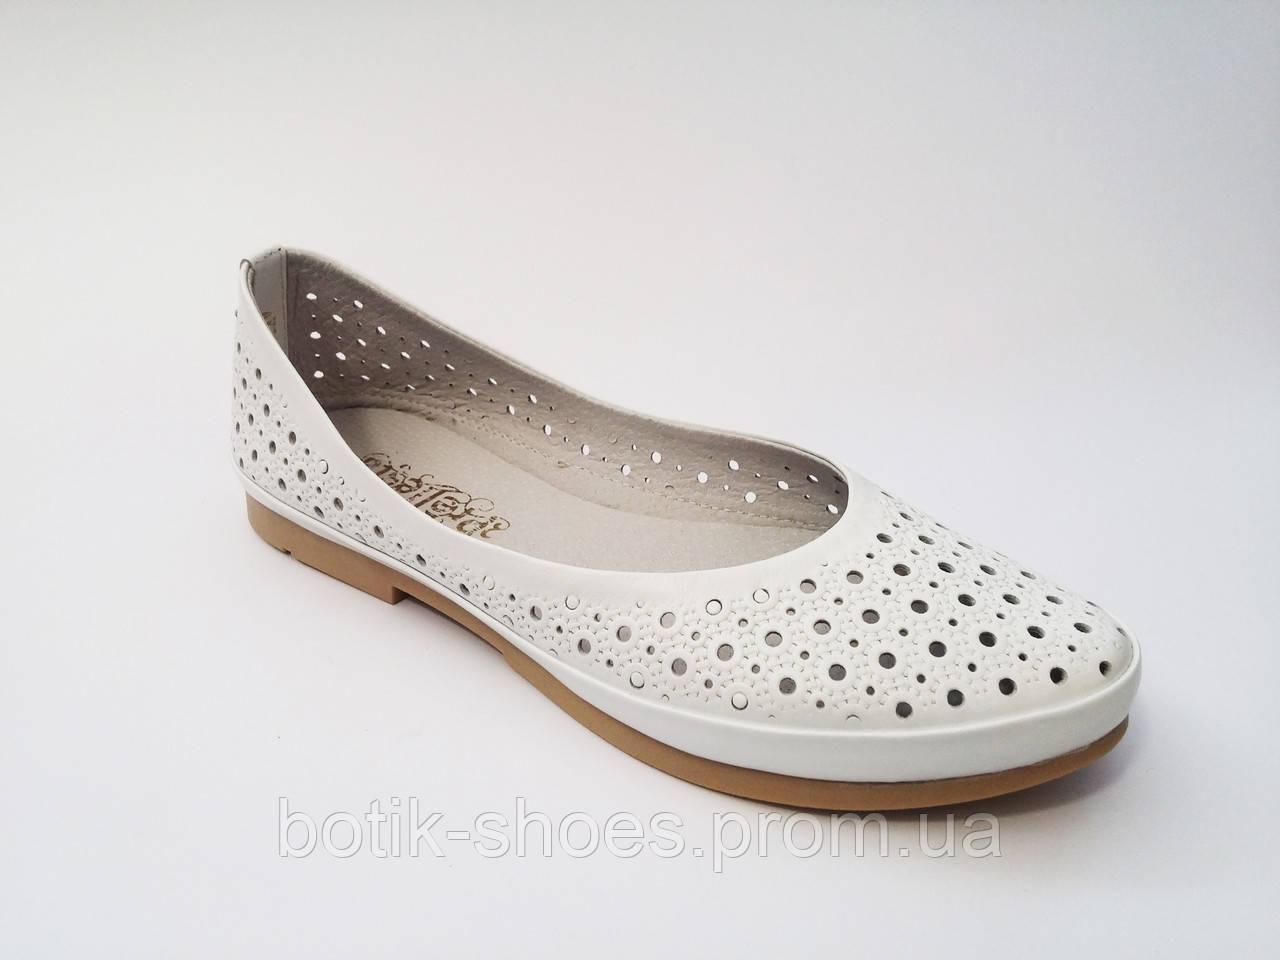 a7da16976a6cf Женские кожаные модные белые балетки с перфорацией Prellesta ...